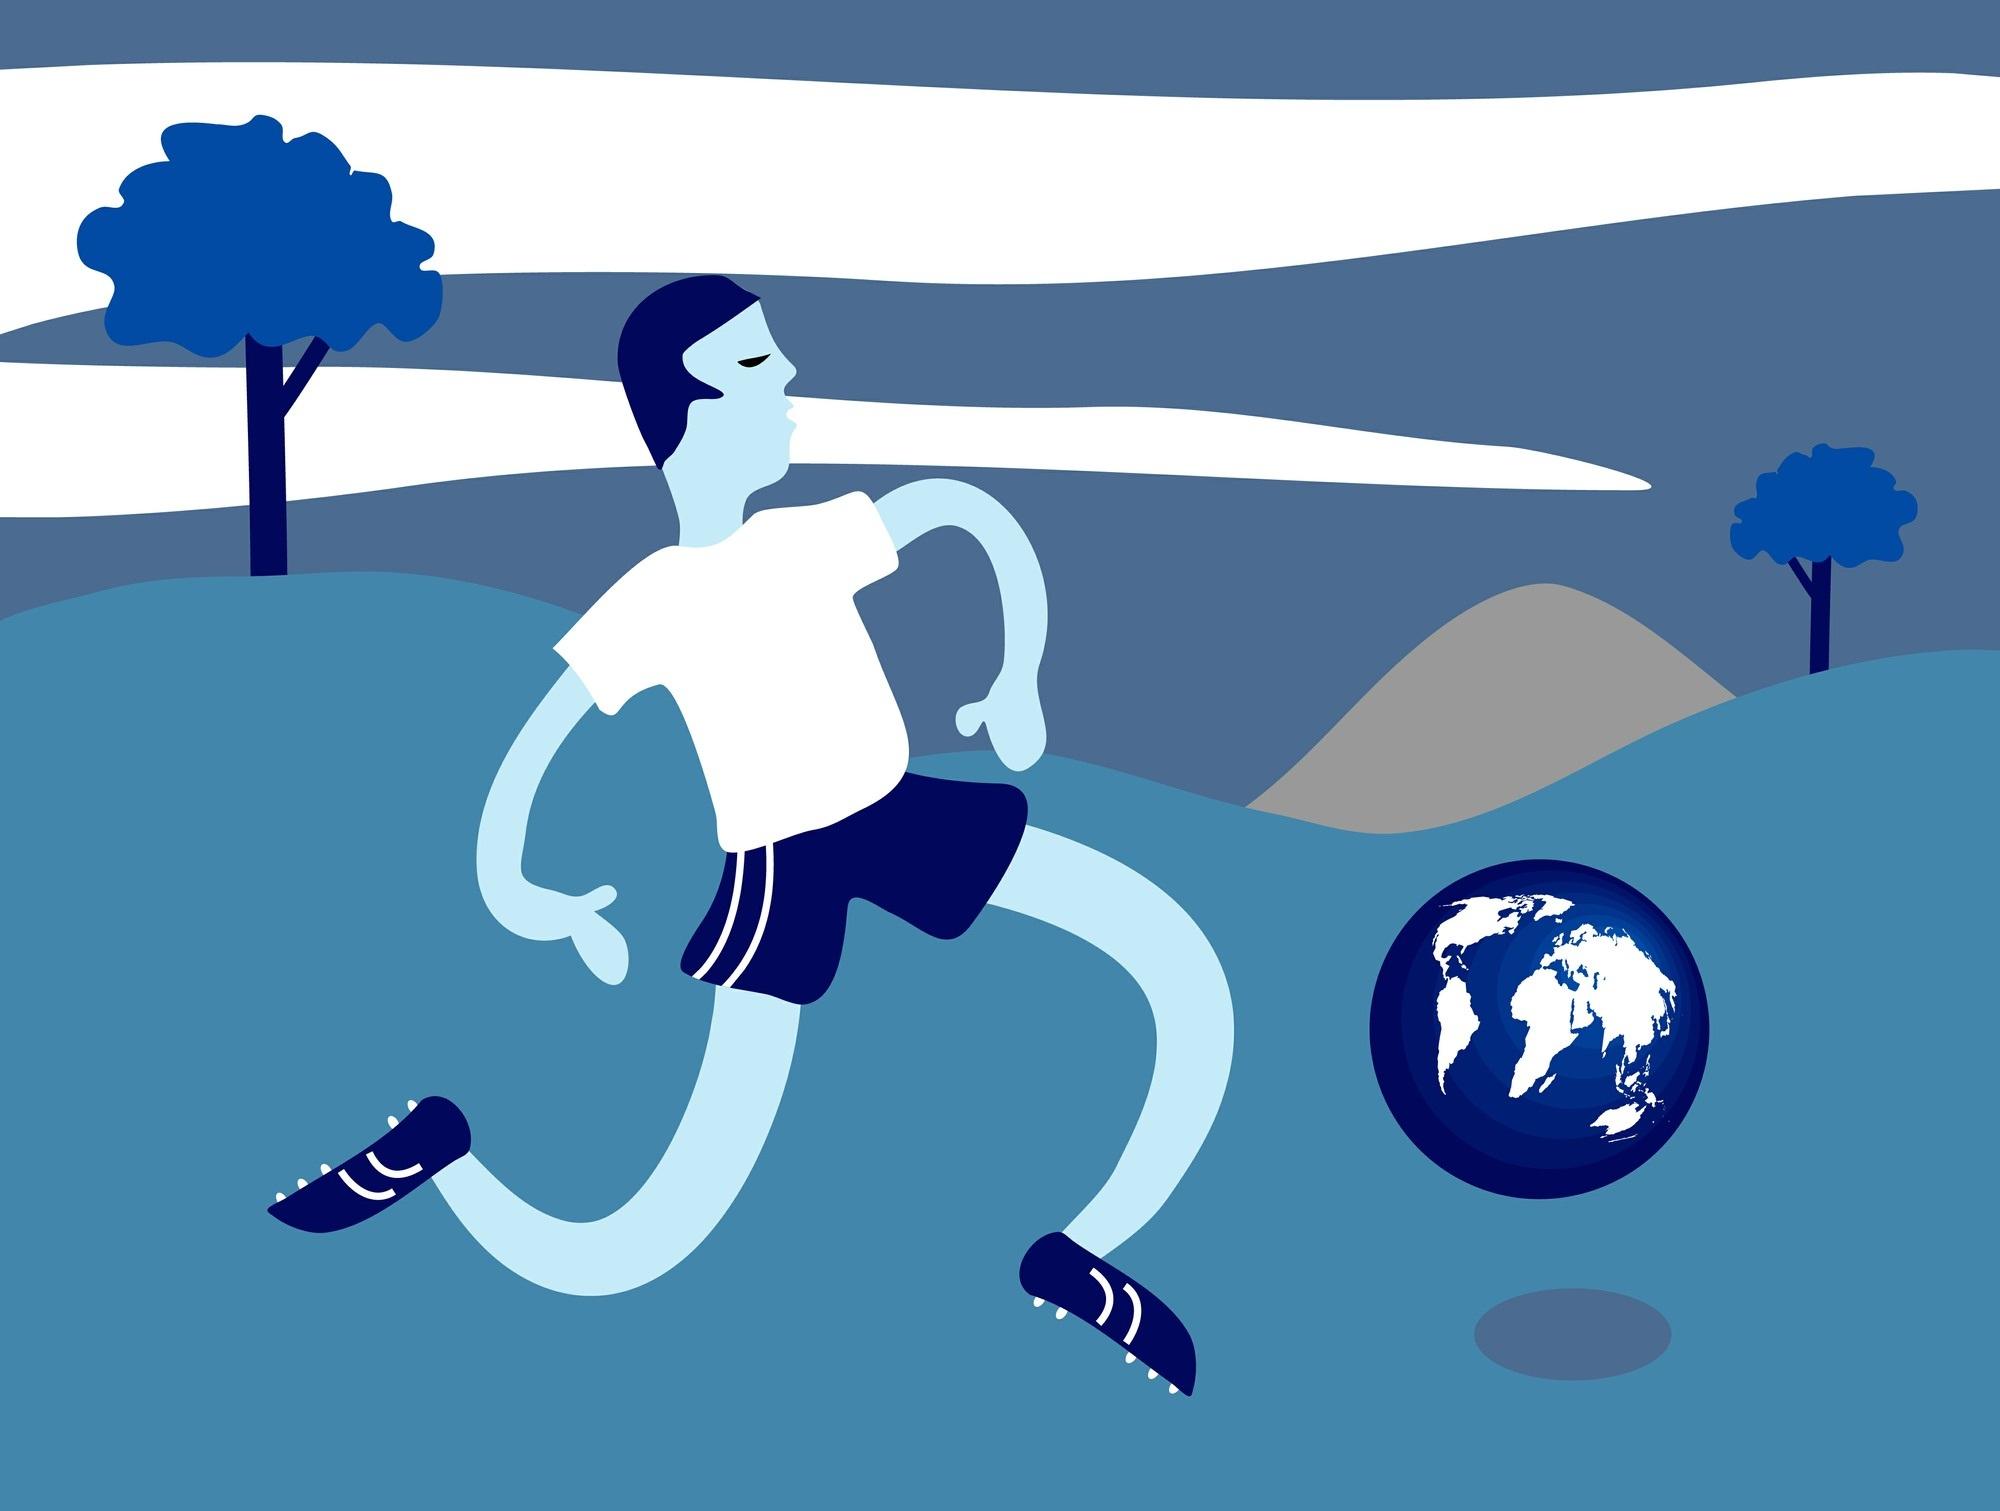 ο άνθρωπος, Ποδόσφαιρο, Γη, μπαλόνι, παιχνίδι - Wallpapers HD - Professor-falken.com